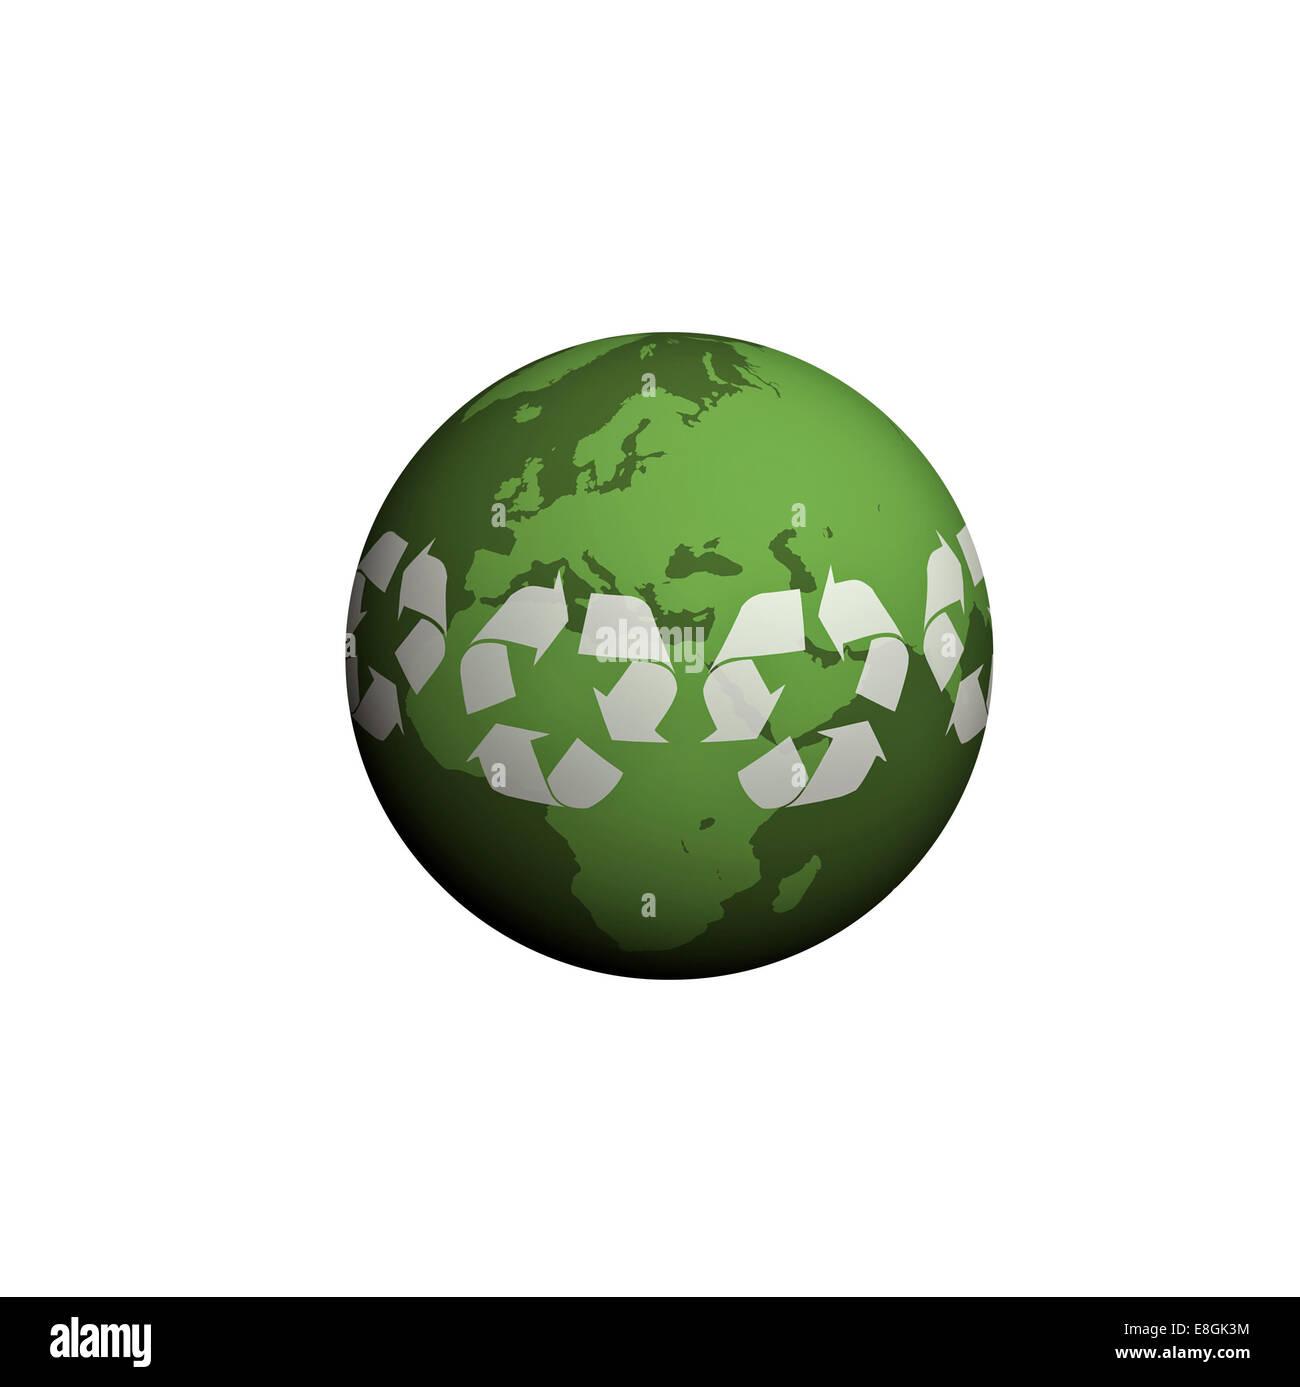 Image générée numériquement de la planète terre, Green World Photo Stock